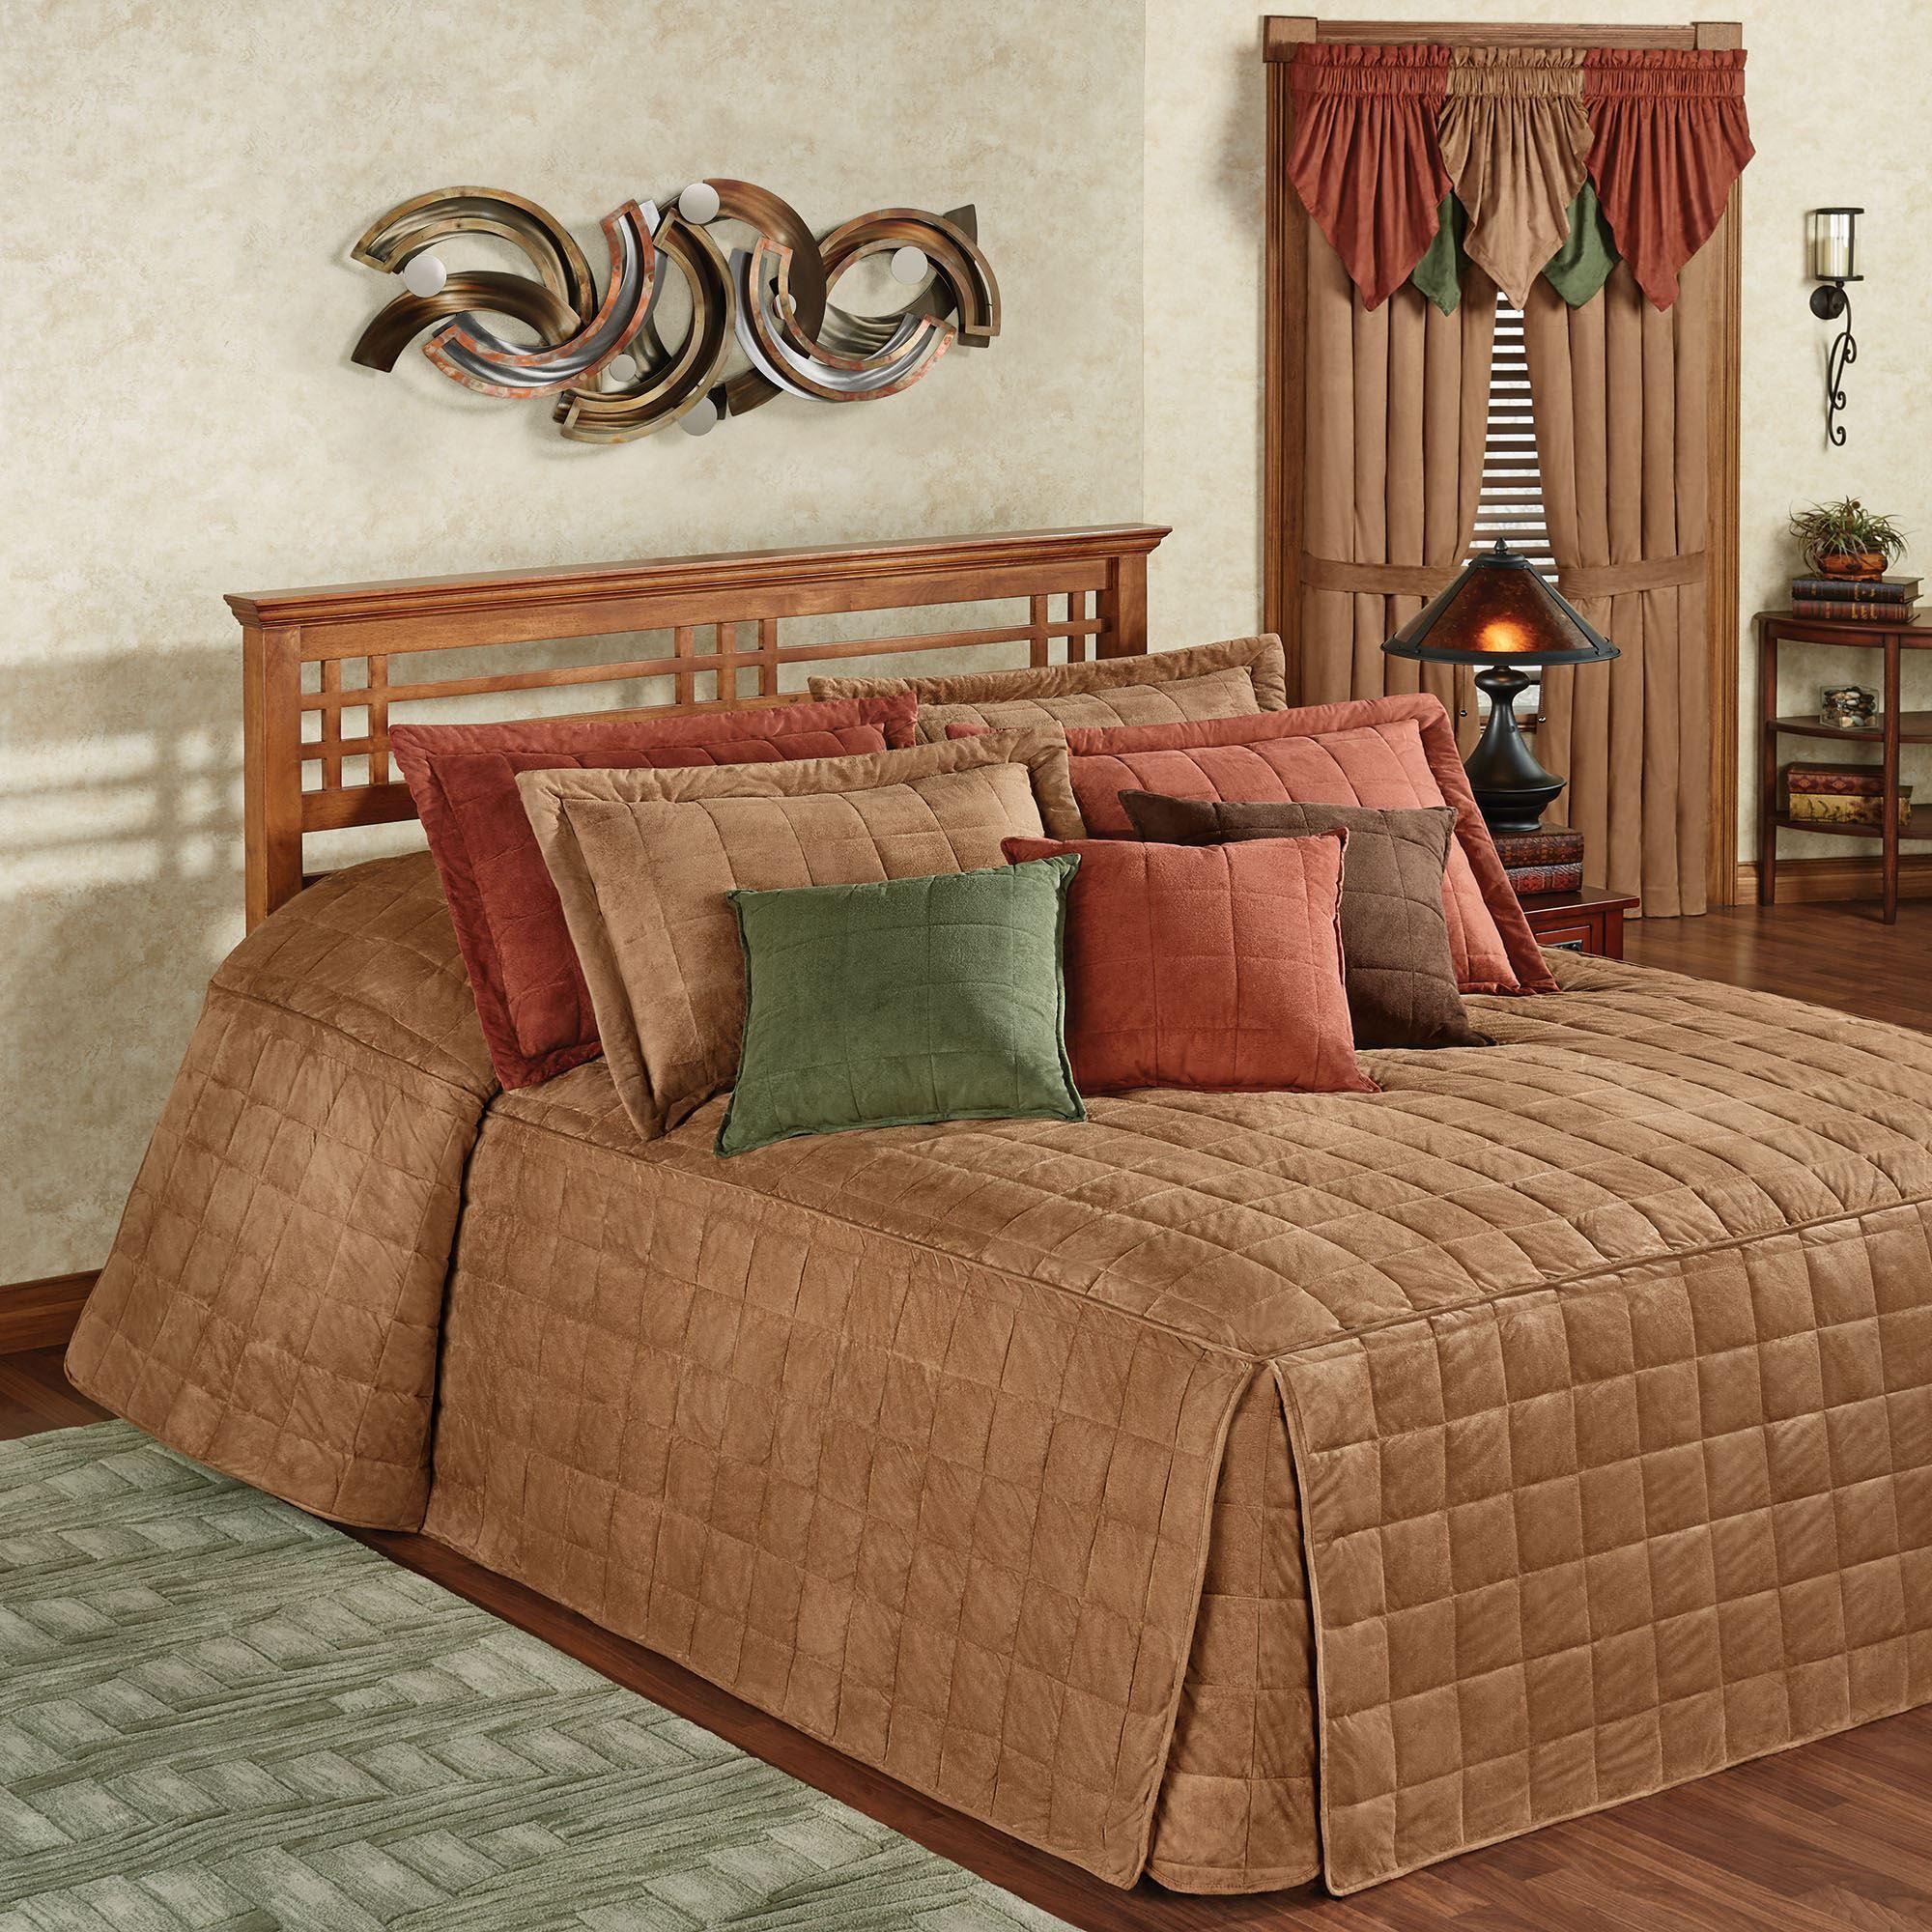 Camden Camel Grande Oversized Fitted Bedspread Bedding